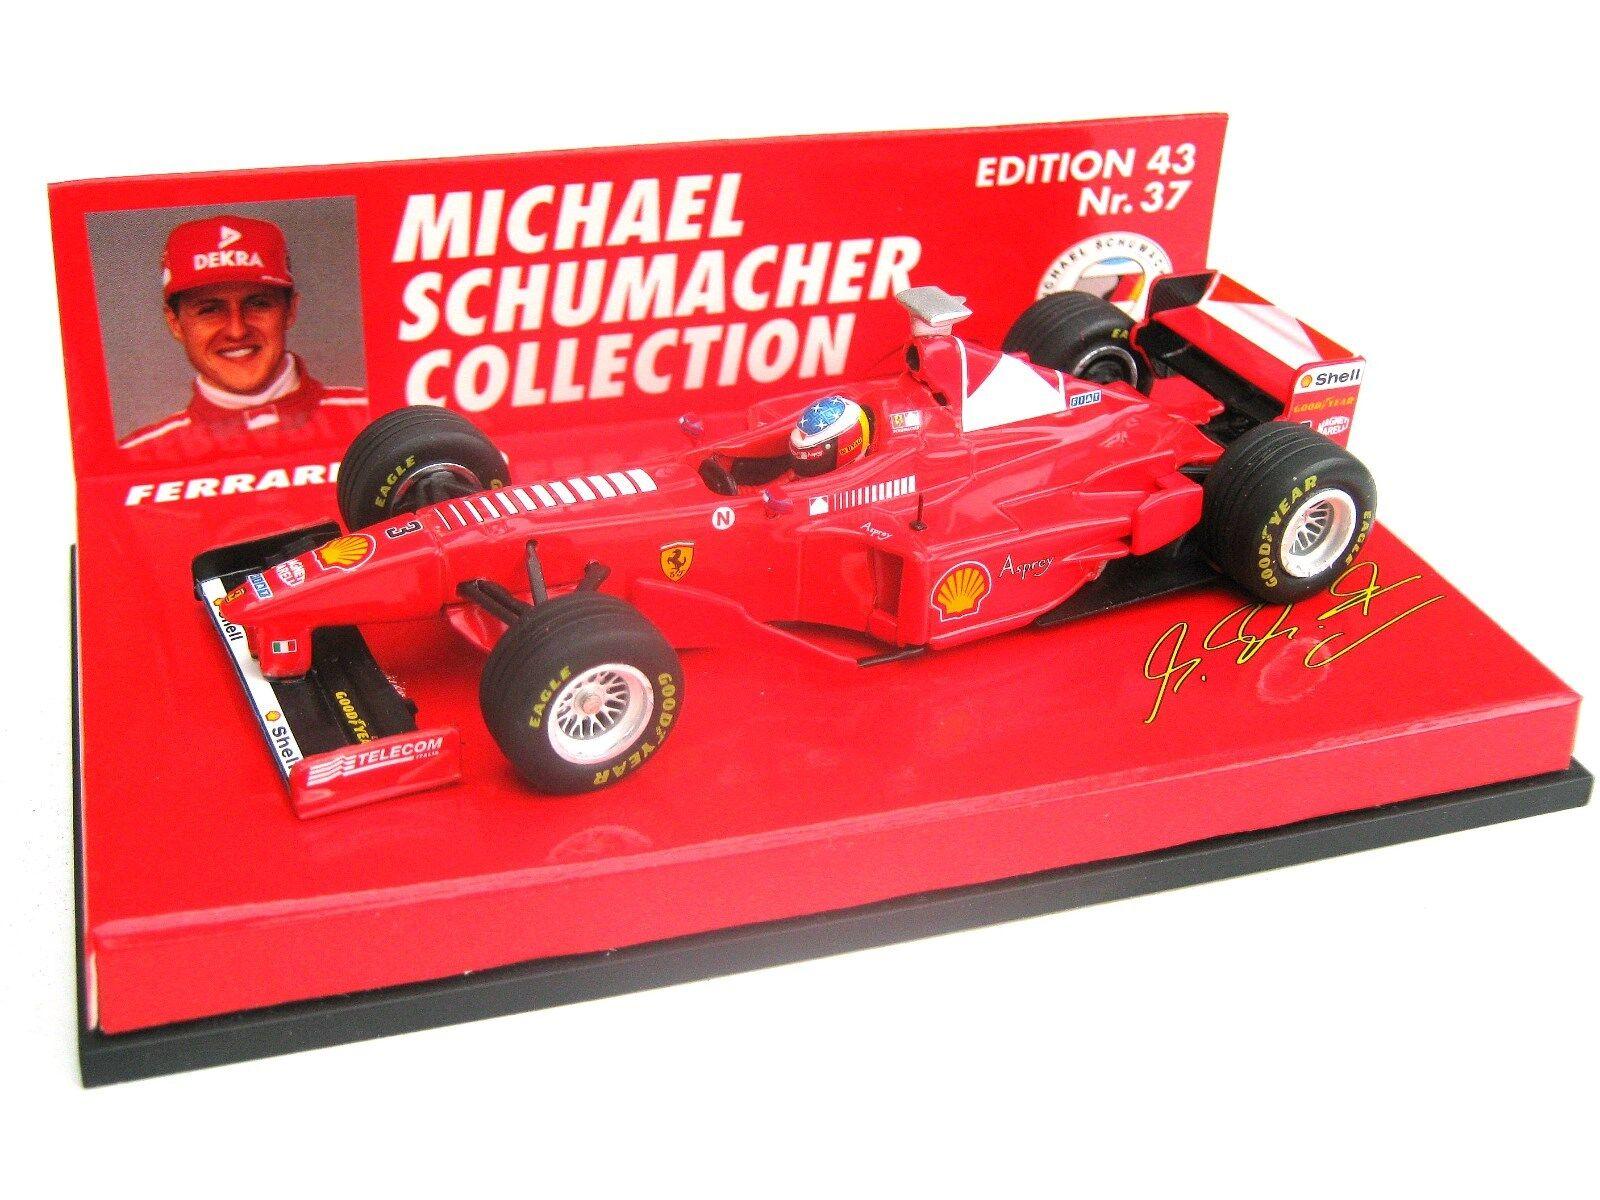 Ferrari f300 Schumacher 1998 1998 1998 Ed 43 no 37 PMA Minichamps 510984303 MSC 1 43 neuf dans sa boîte 363122